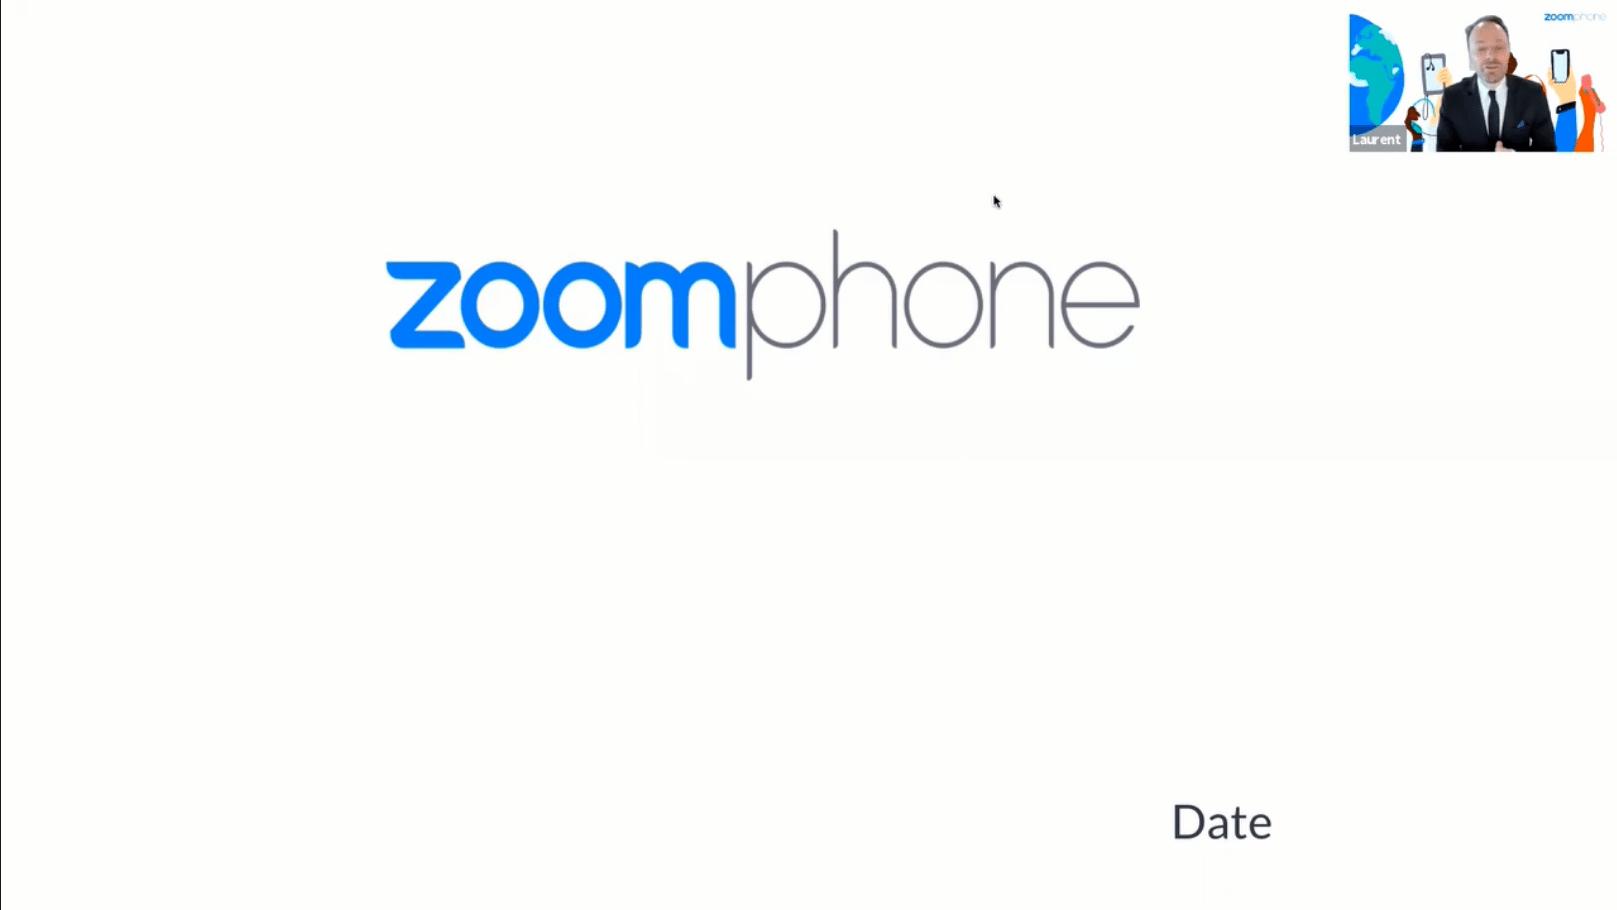 Premiers pas sur Zoom Phone -TechProspect Premiers pas sur Zoom Phone -TechProspect